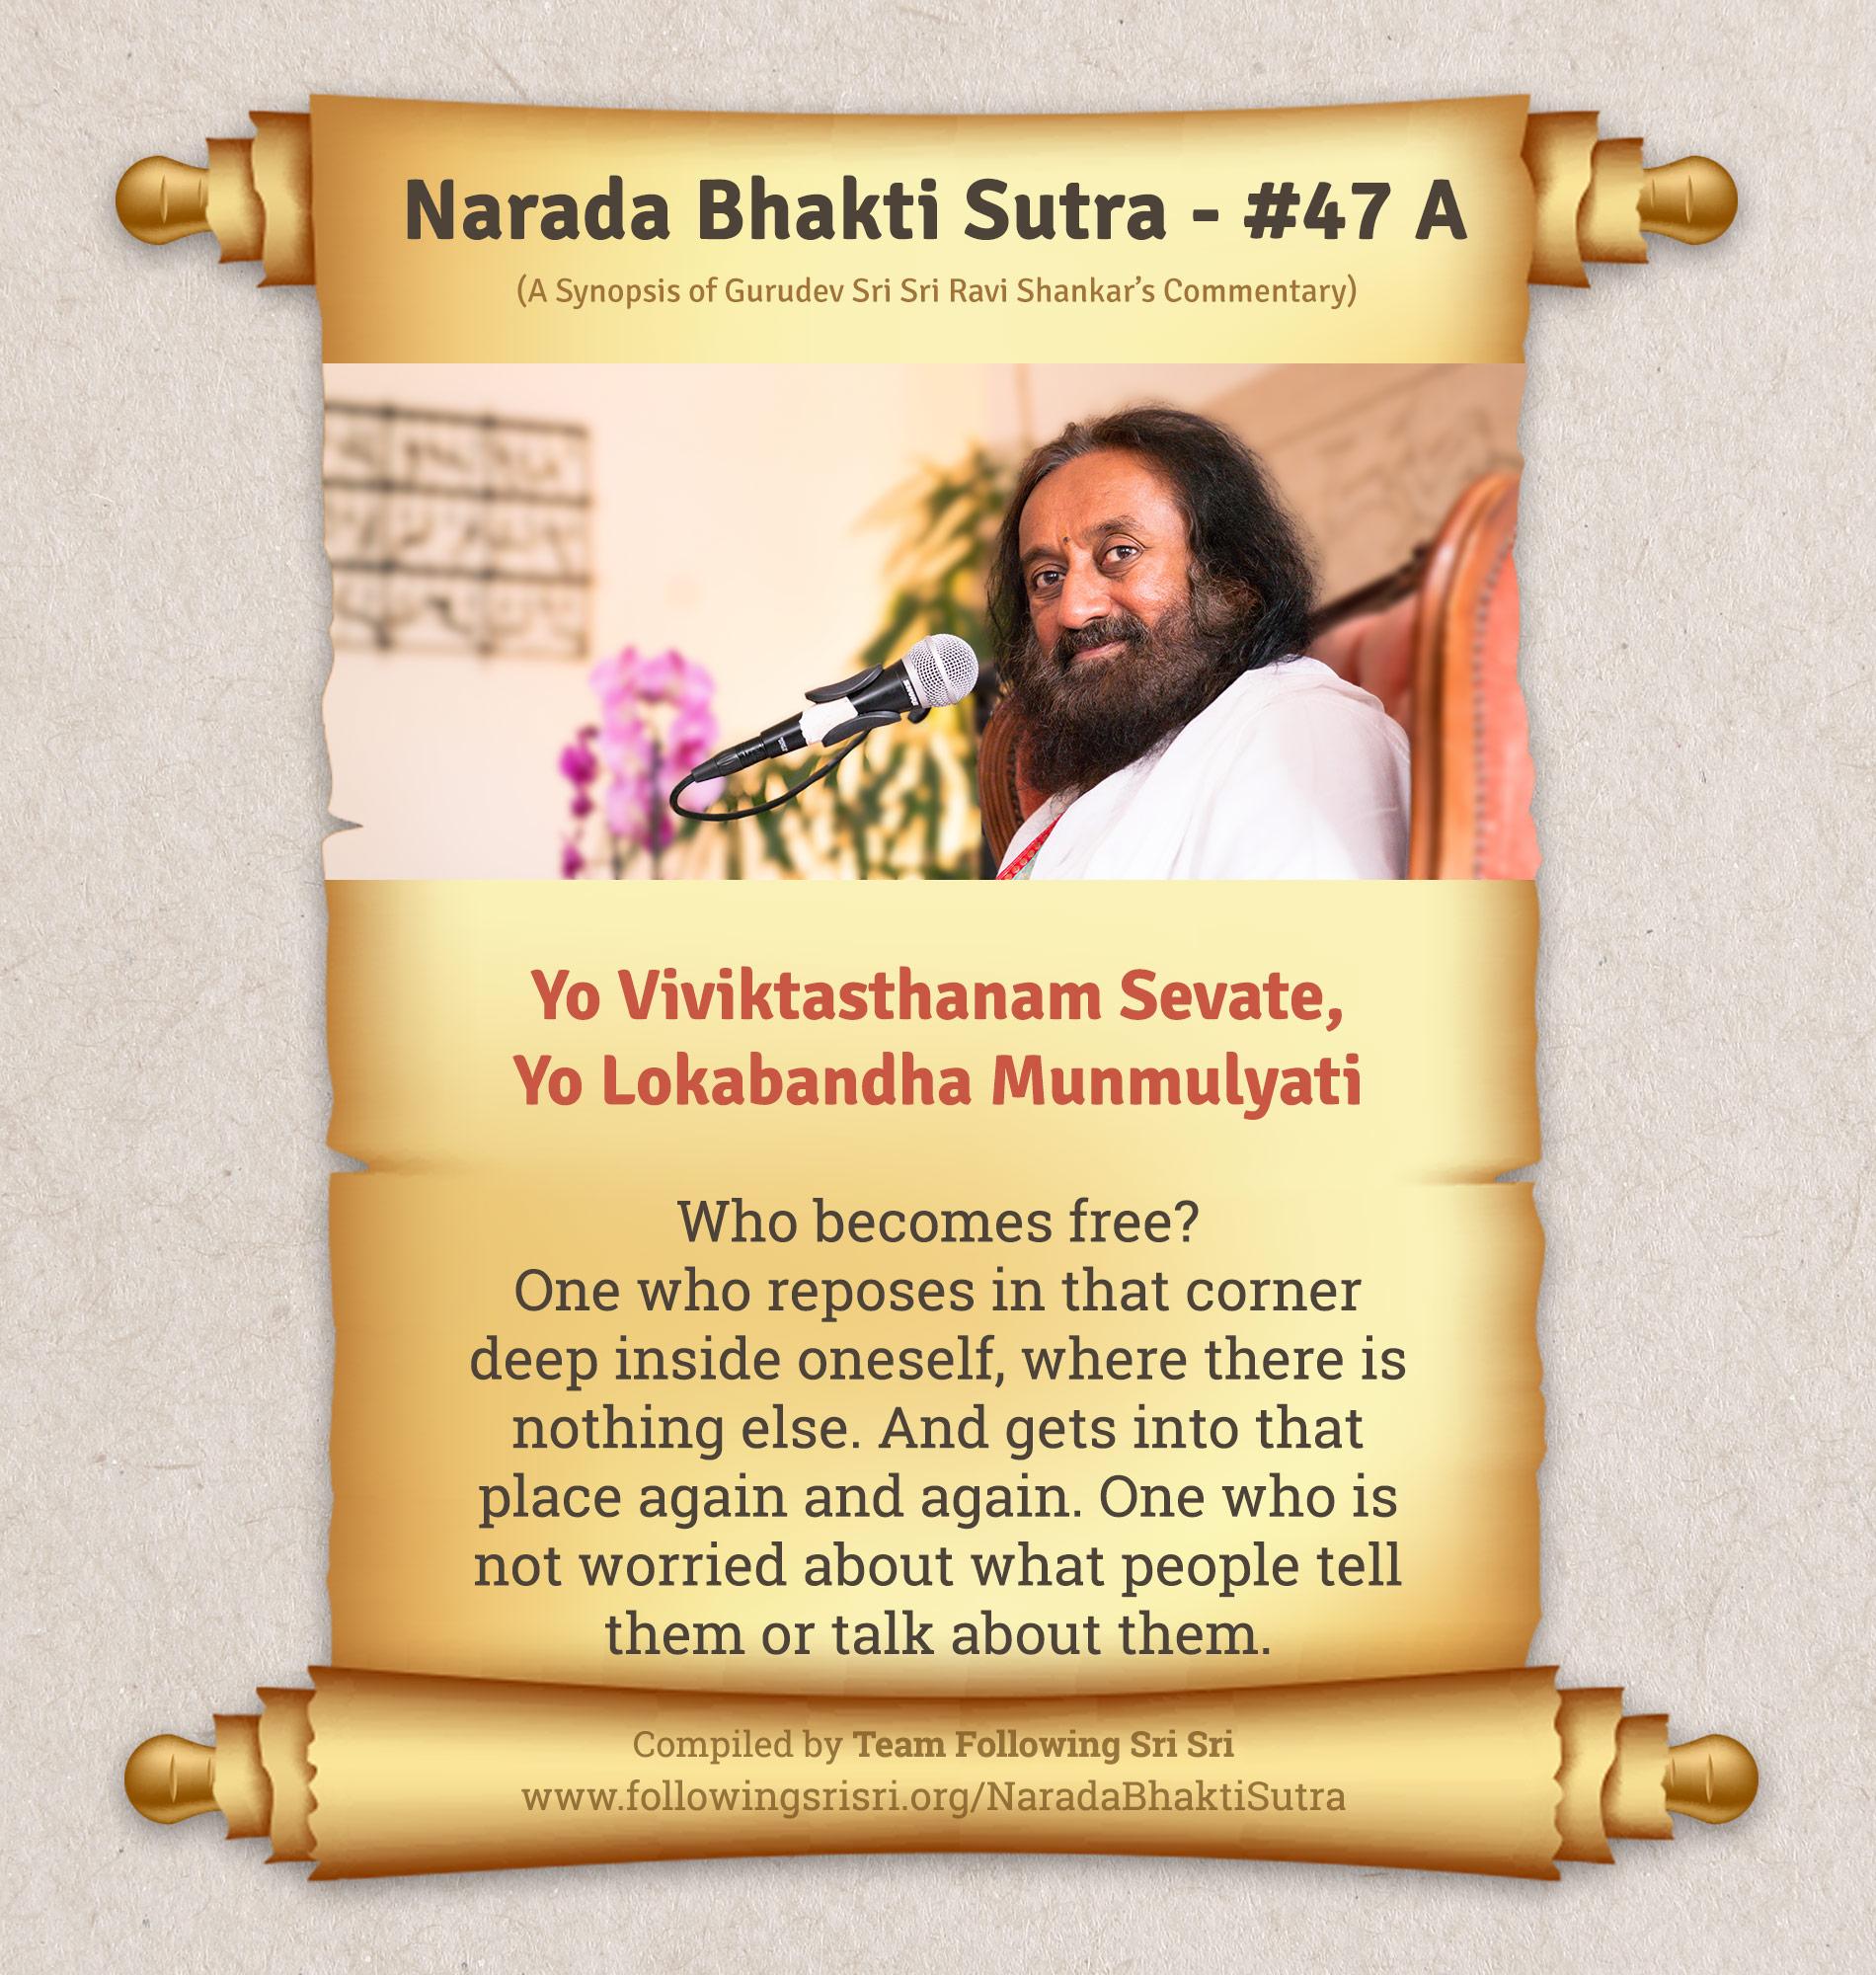 Narada Bhakti Sutras - Sutra 47 A